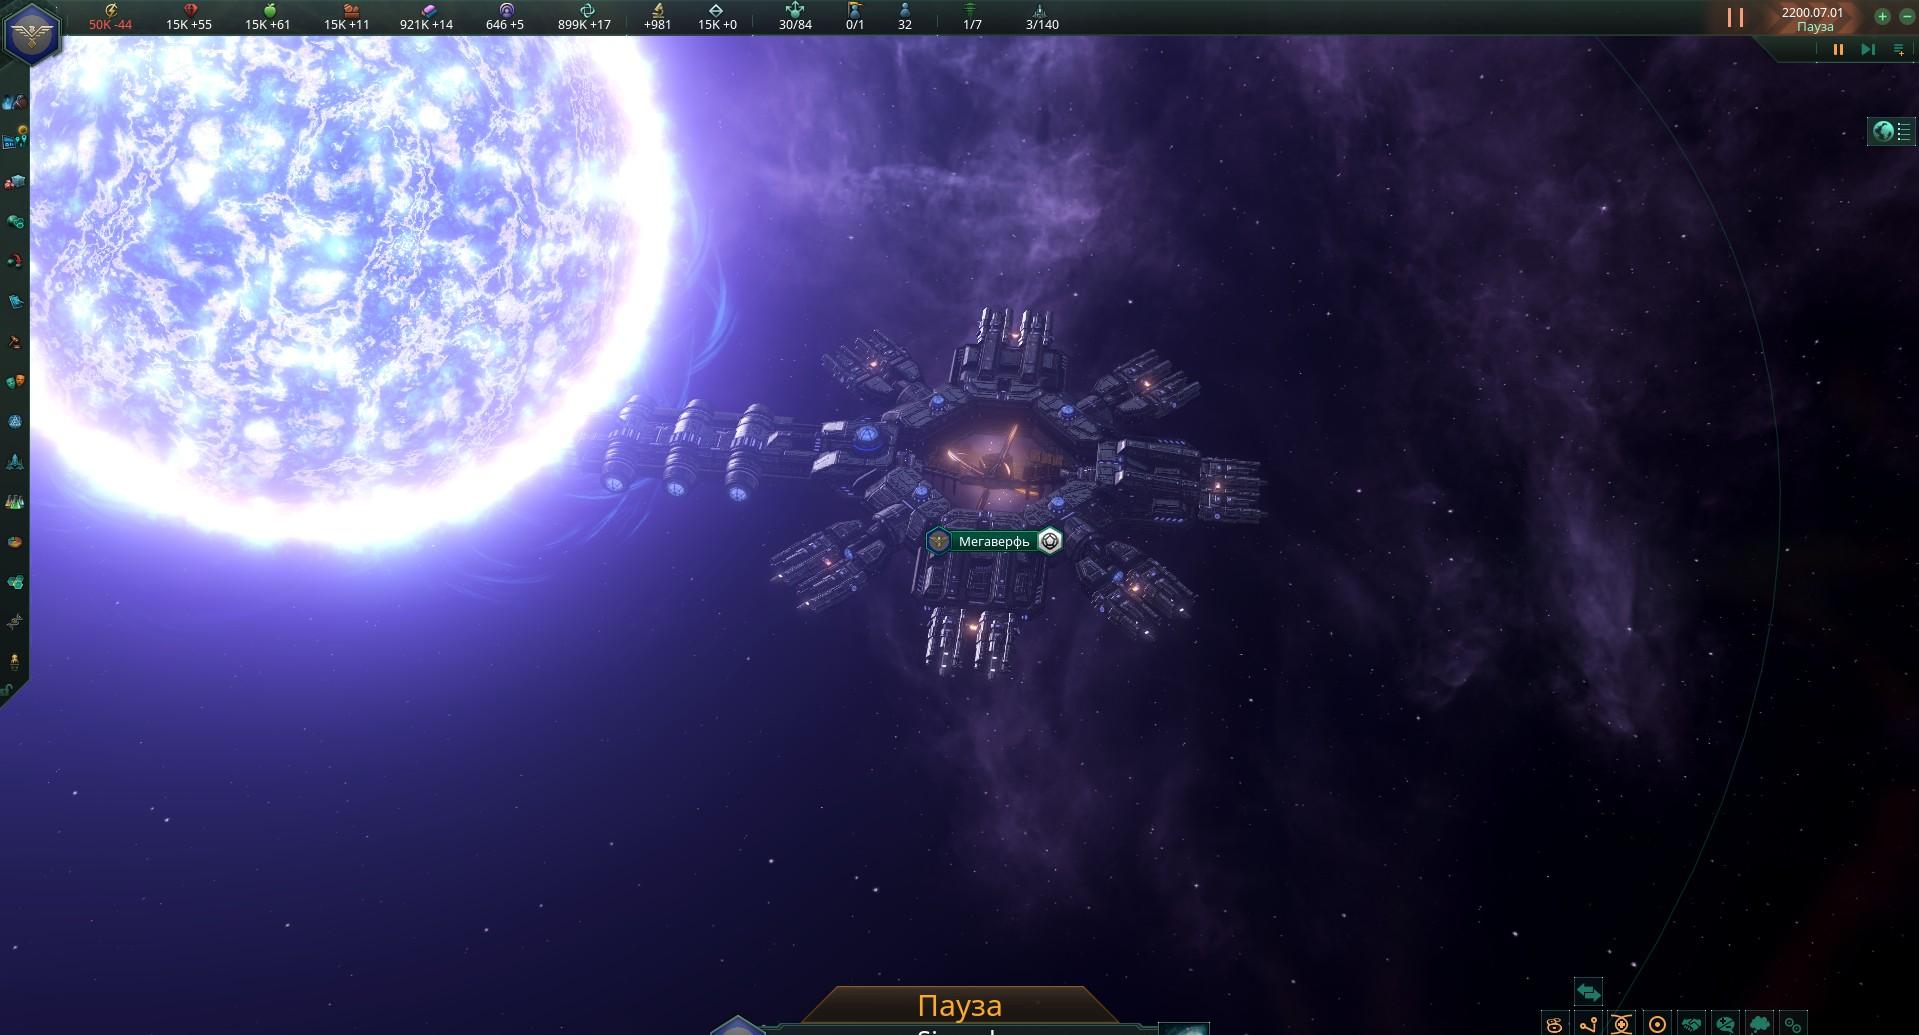 Мегаверфь stellaris